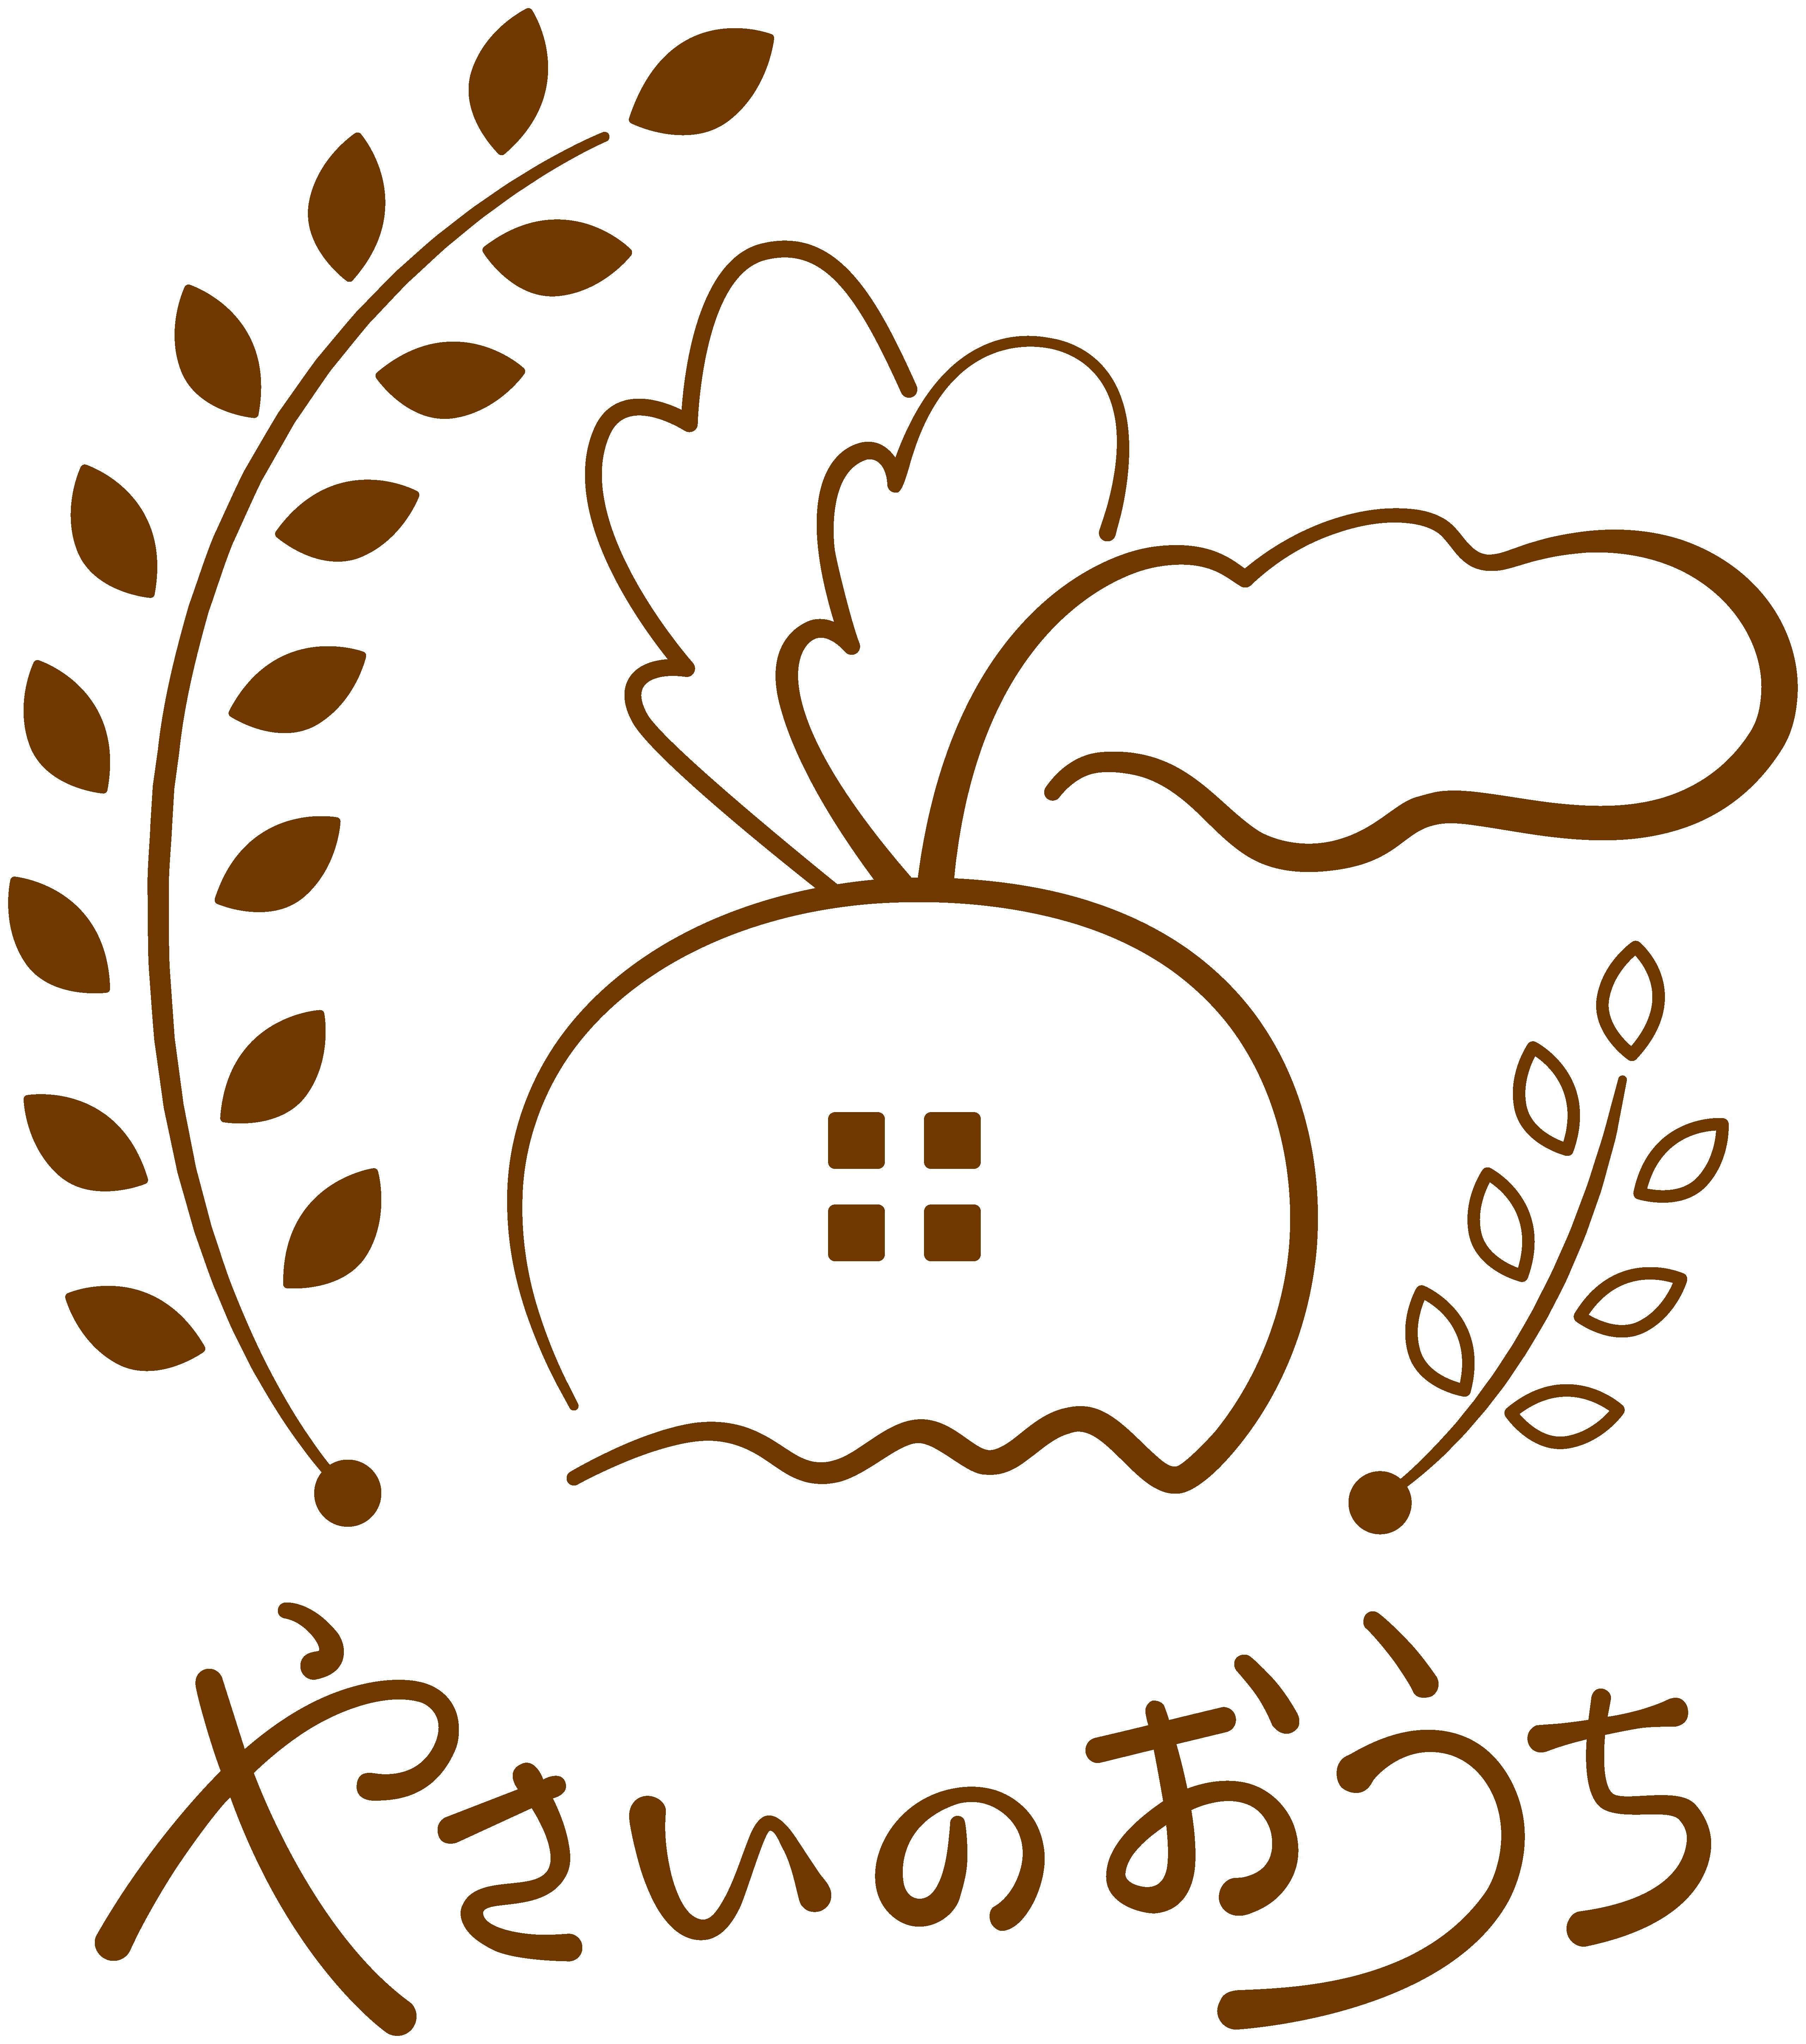 農業/農園/酪農/畜産/水産と親しみ/優しいと茶のロゴ